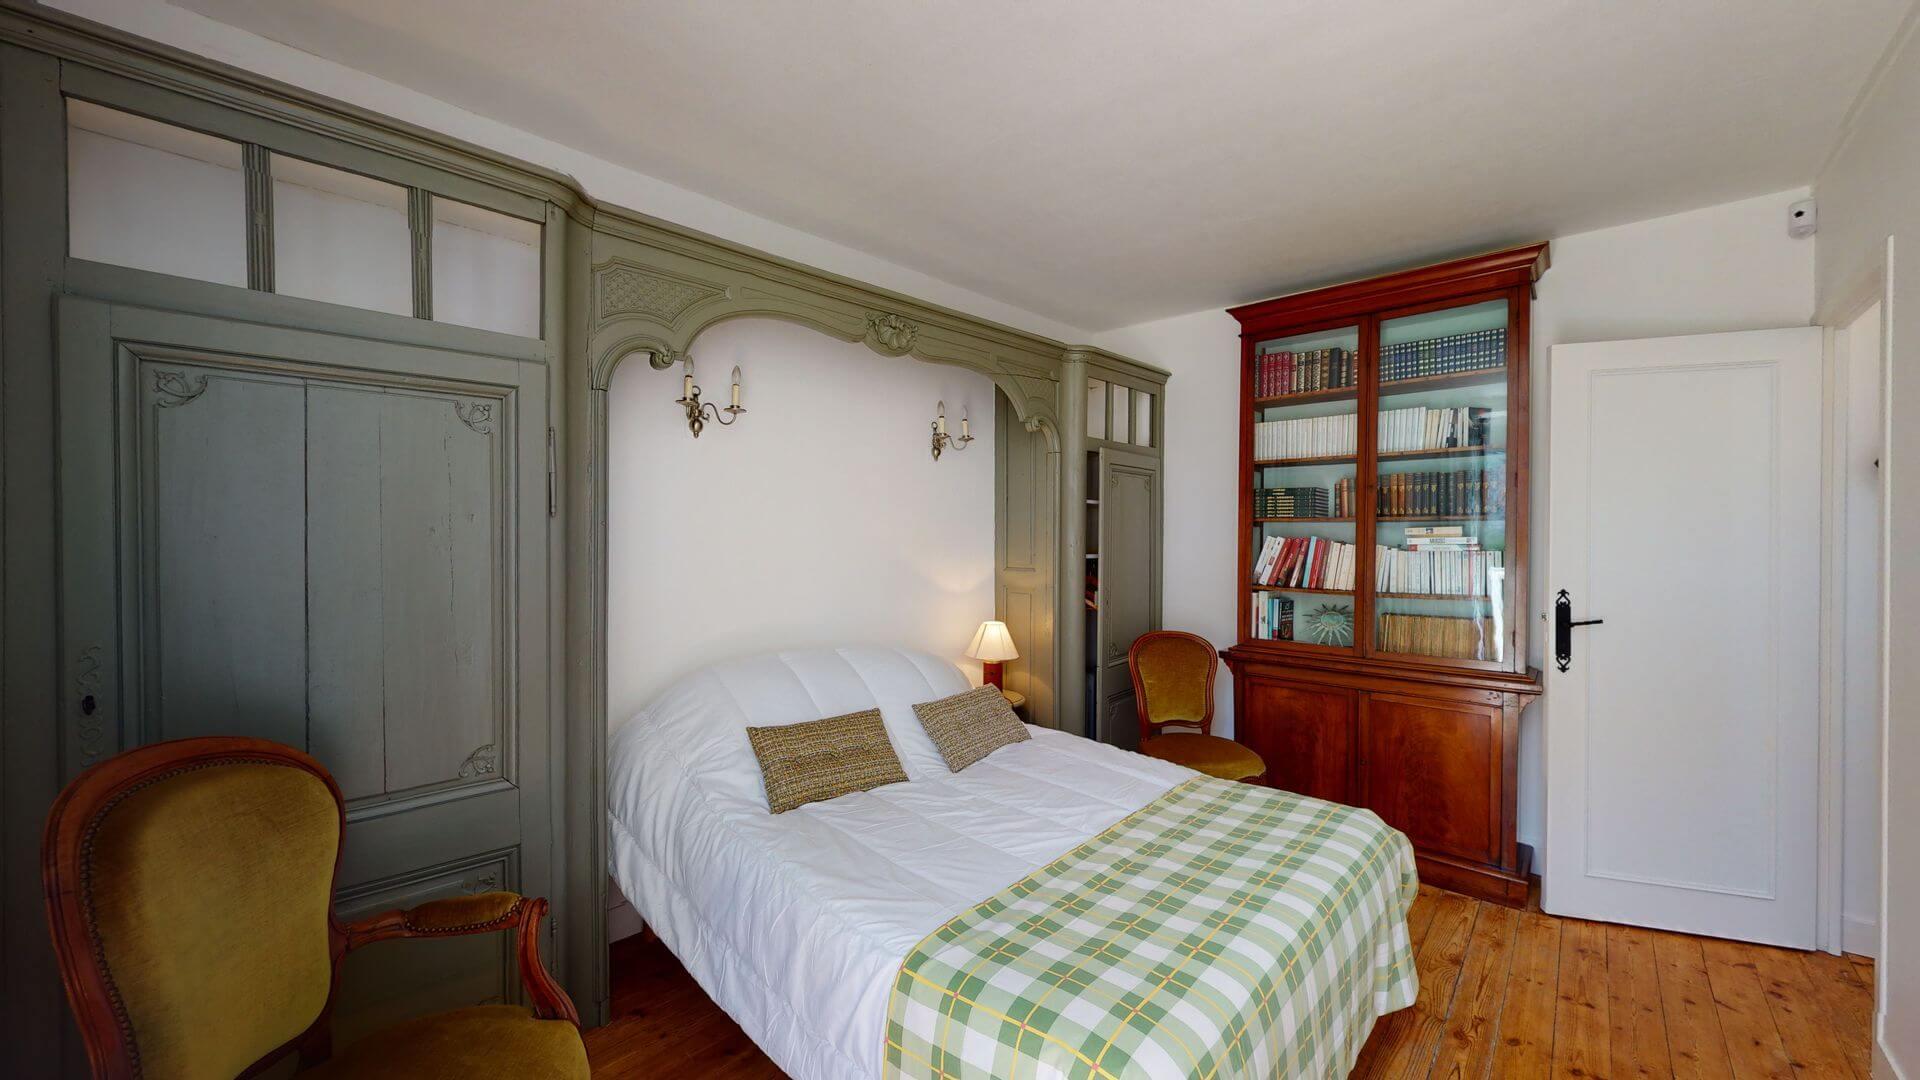 Le-Vieux-Colombier-par-LA-CLEF-DECAMP-06102021_123905